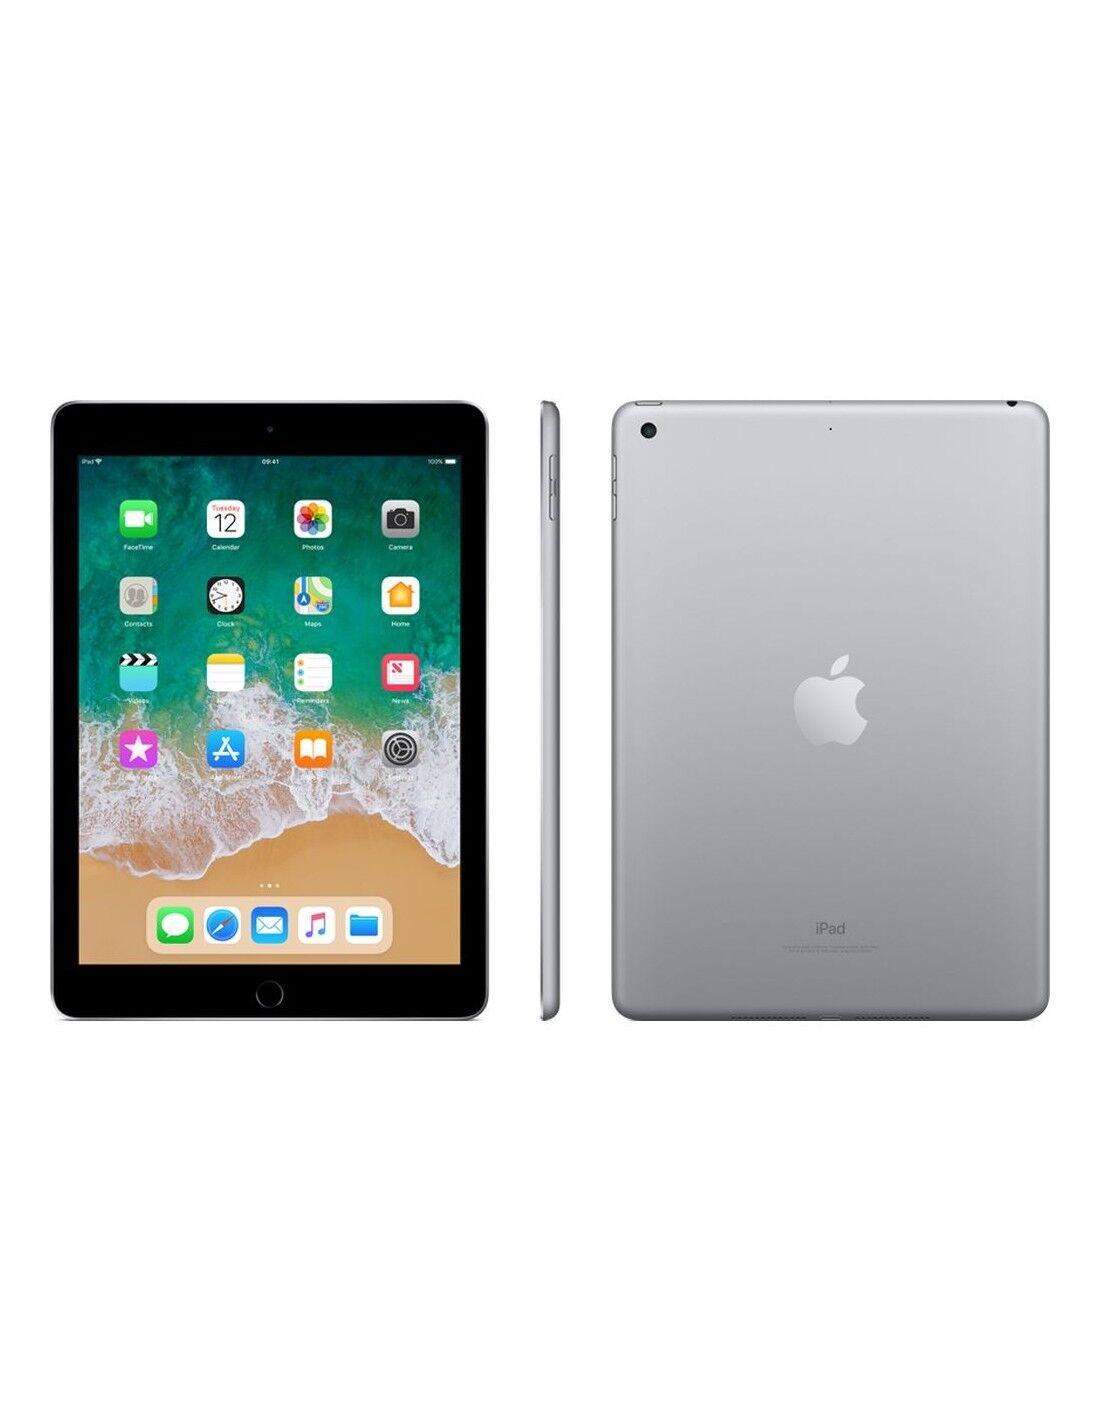 Apple Ipad 9.7 2018 32GB Space Grey Wi-Fi